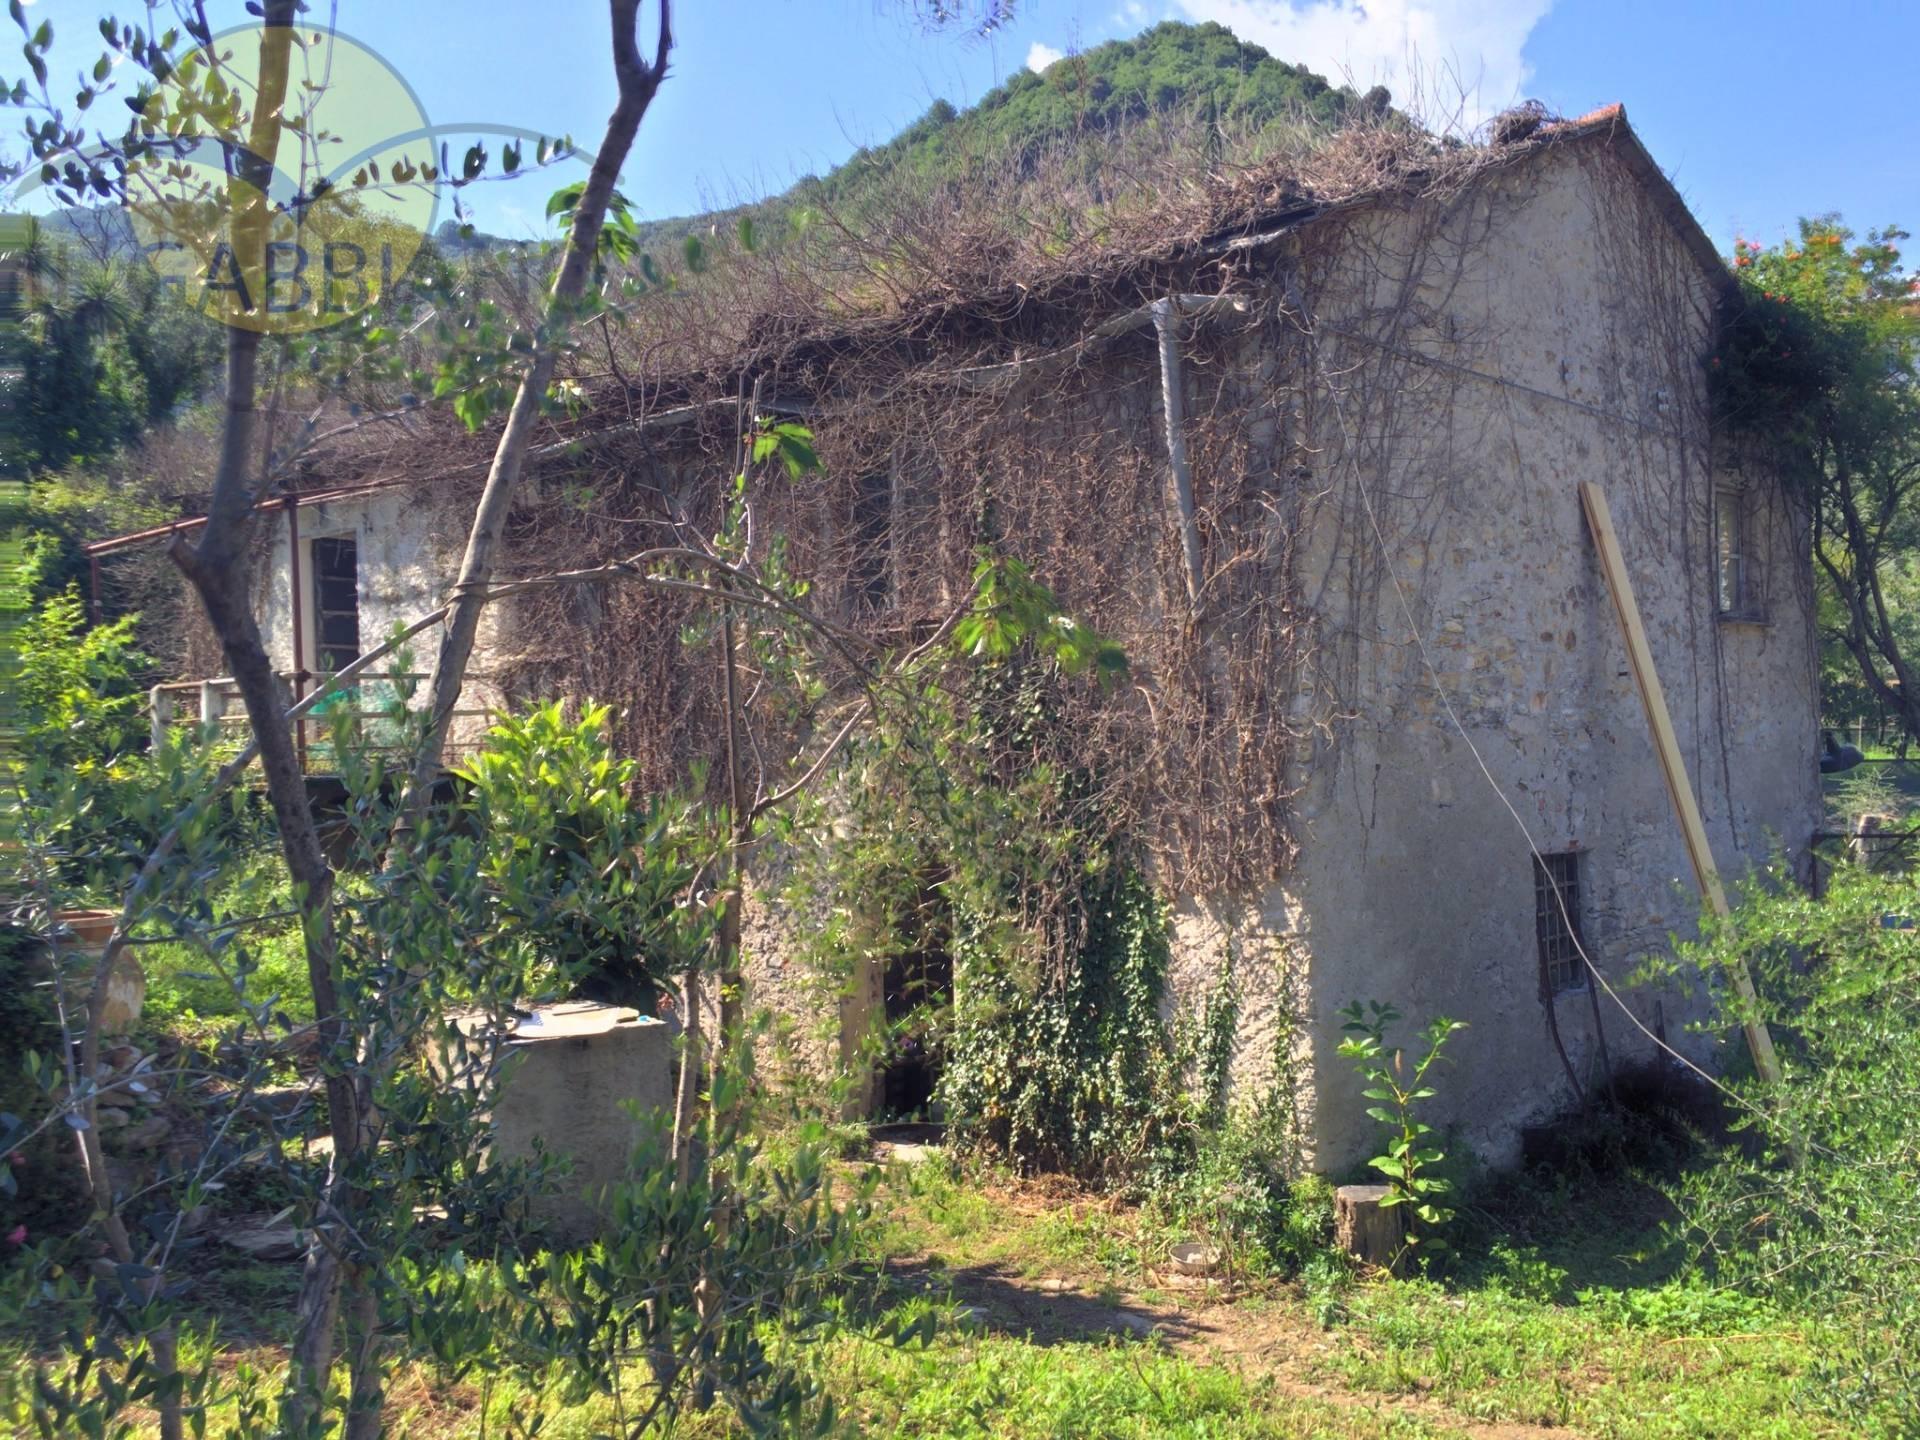 Rustico / Casale in vendita a Recco, 6 locali, zona Località: SanRocco, prezzo € 160.000 | Cambio Casa.it